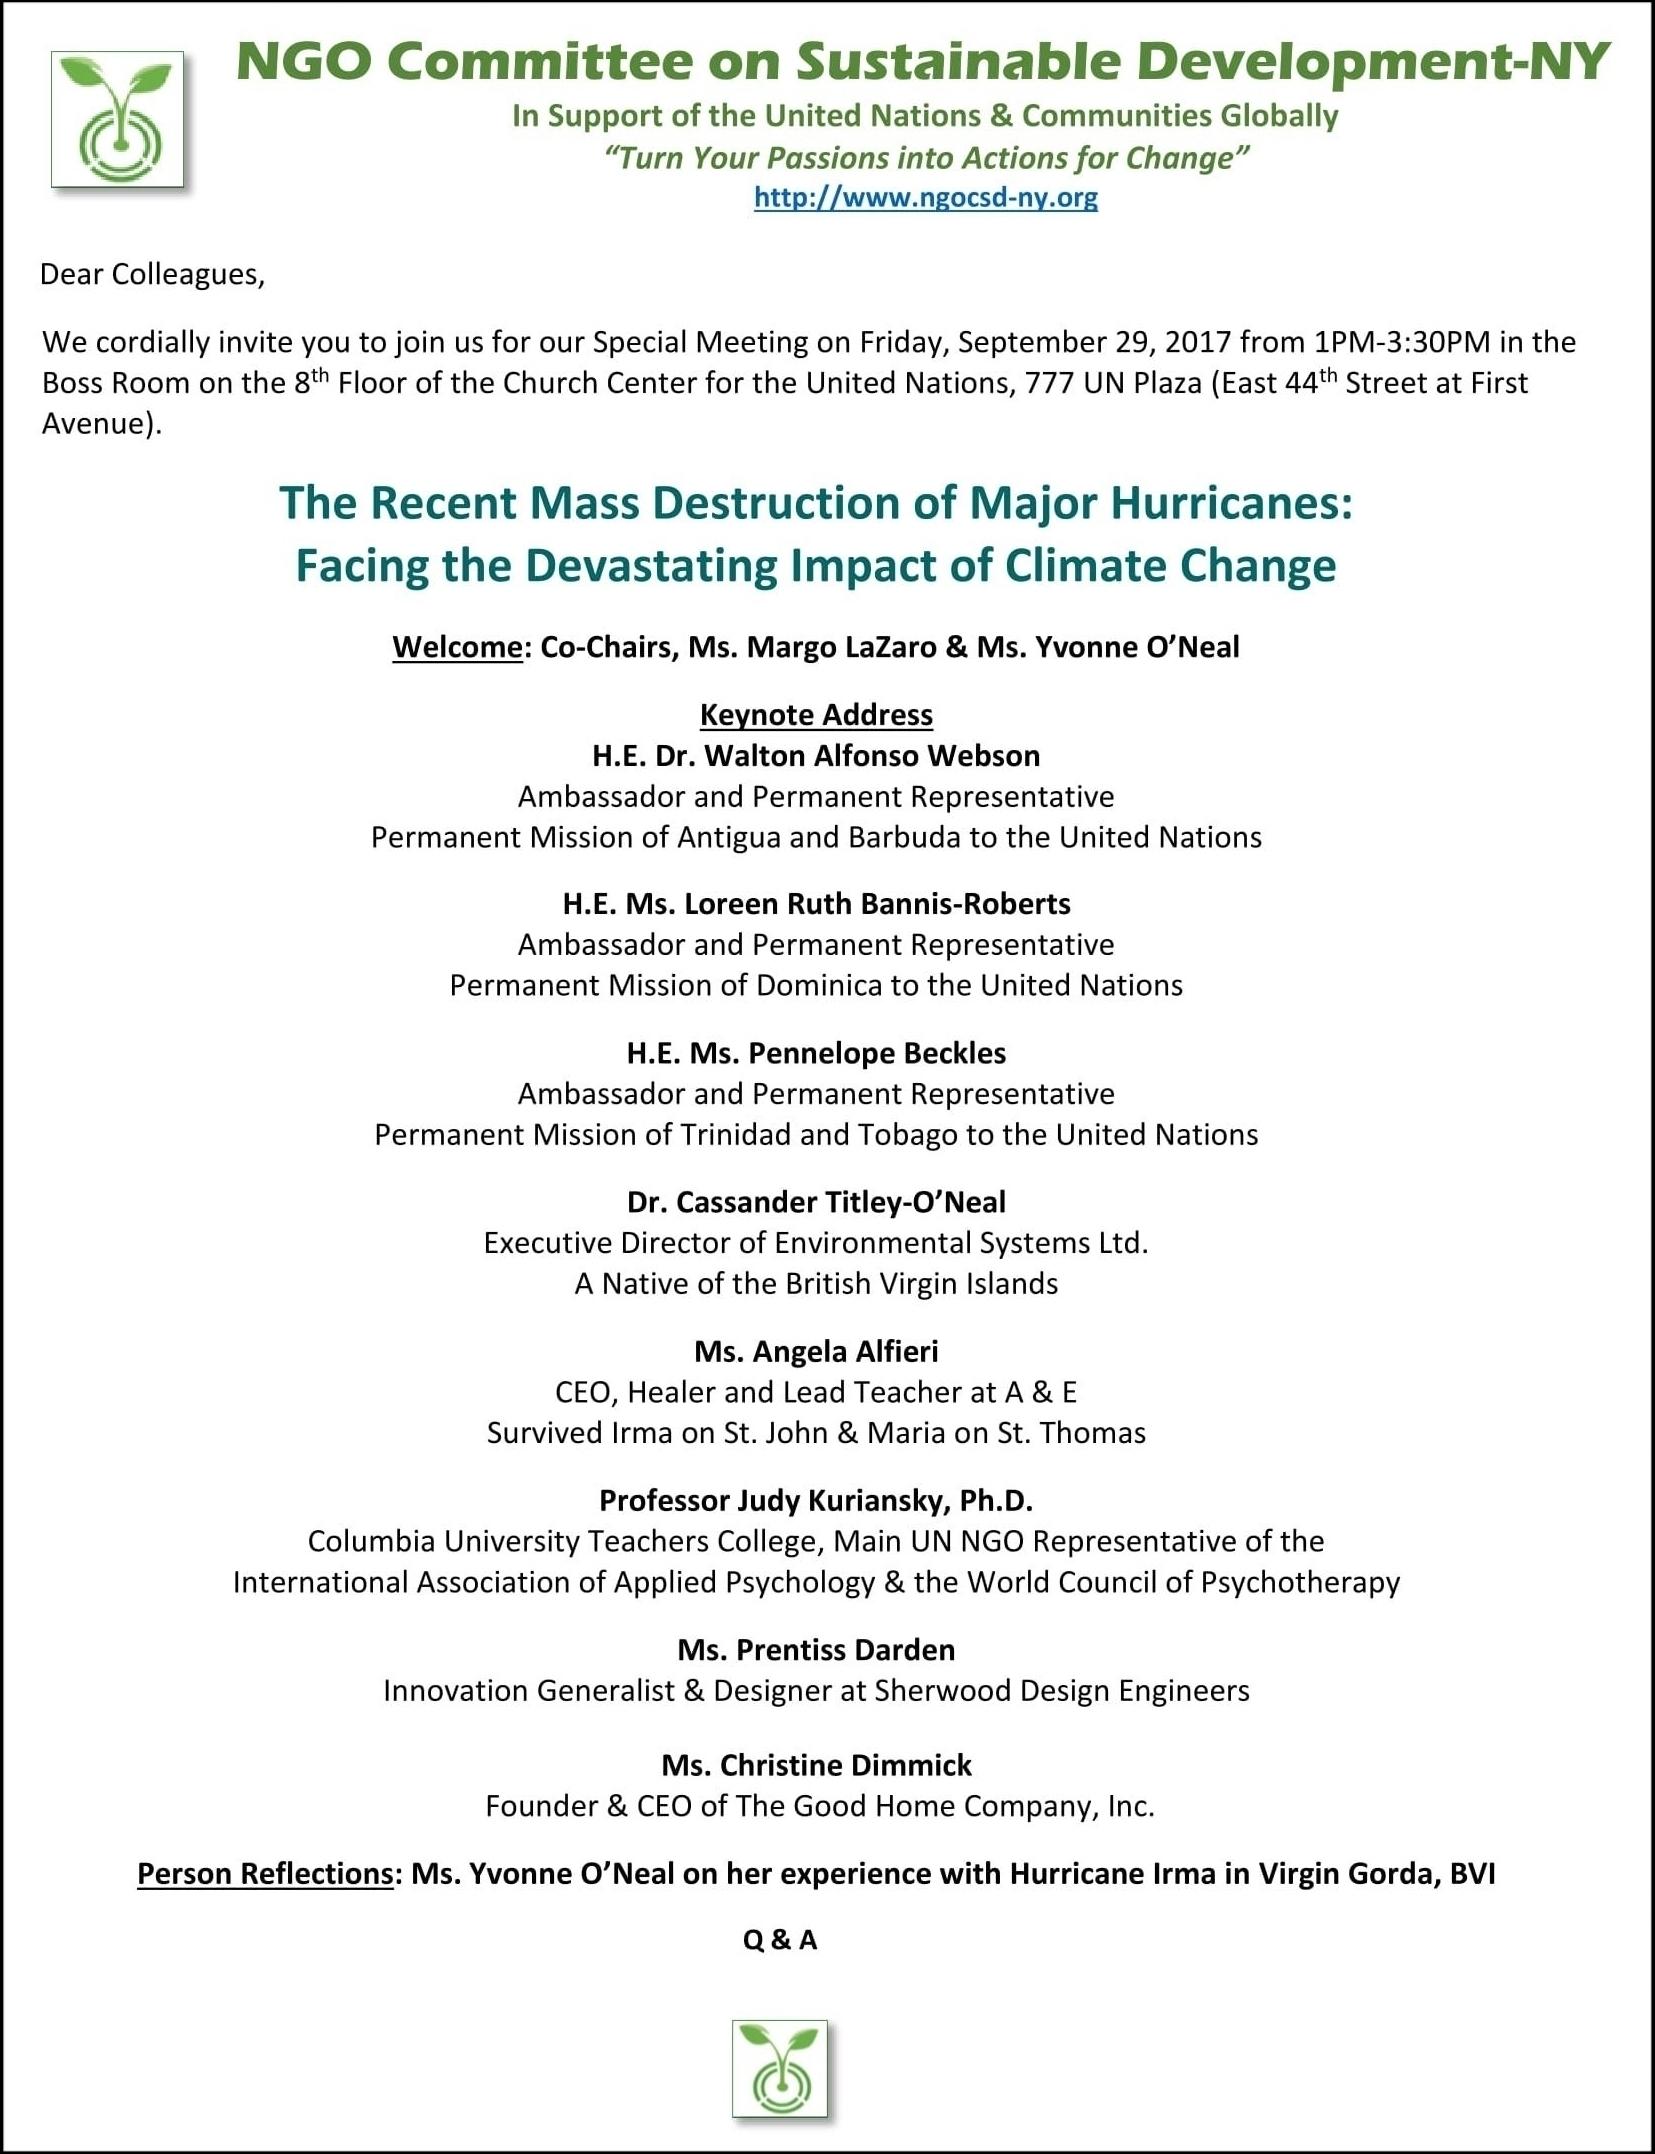 NGOCSD-NY Meeting on Major Hurricanes  9-29-17 Invitation A2-1.jpg